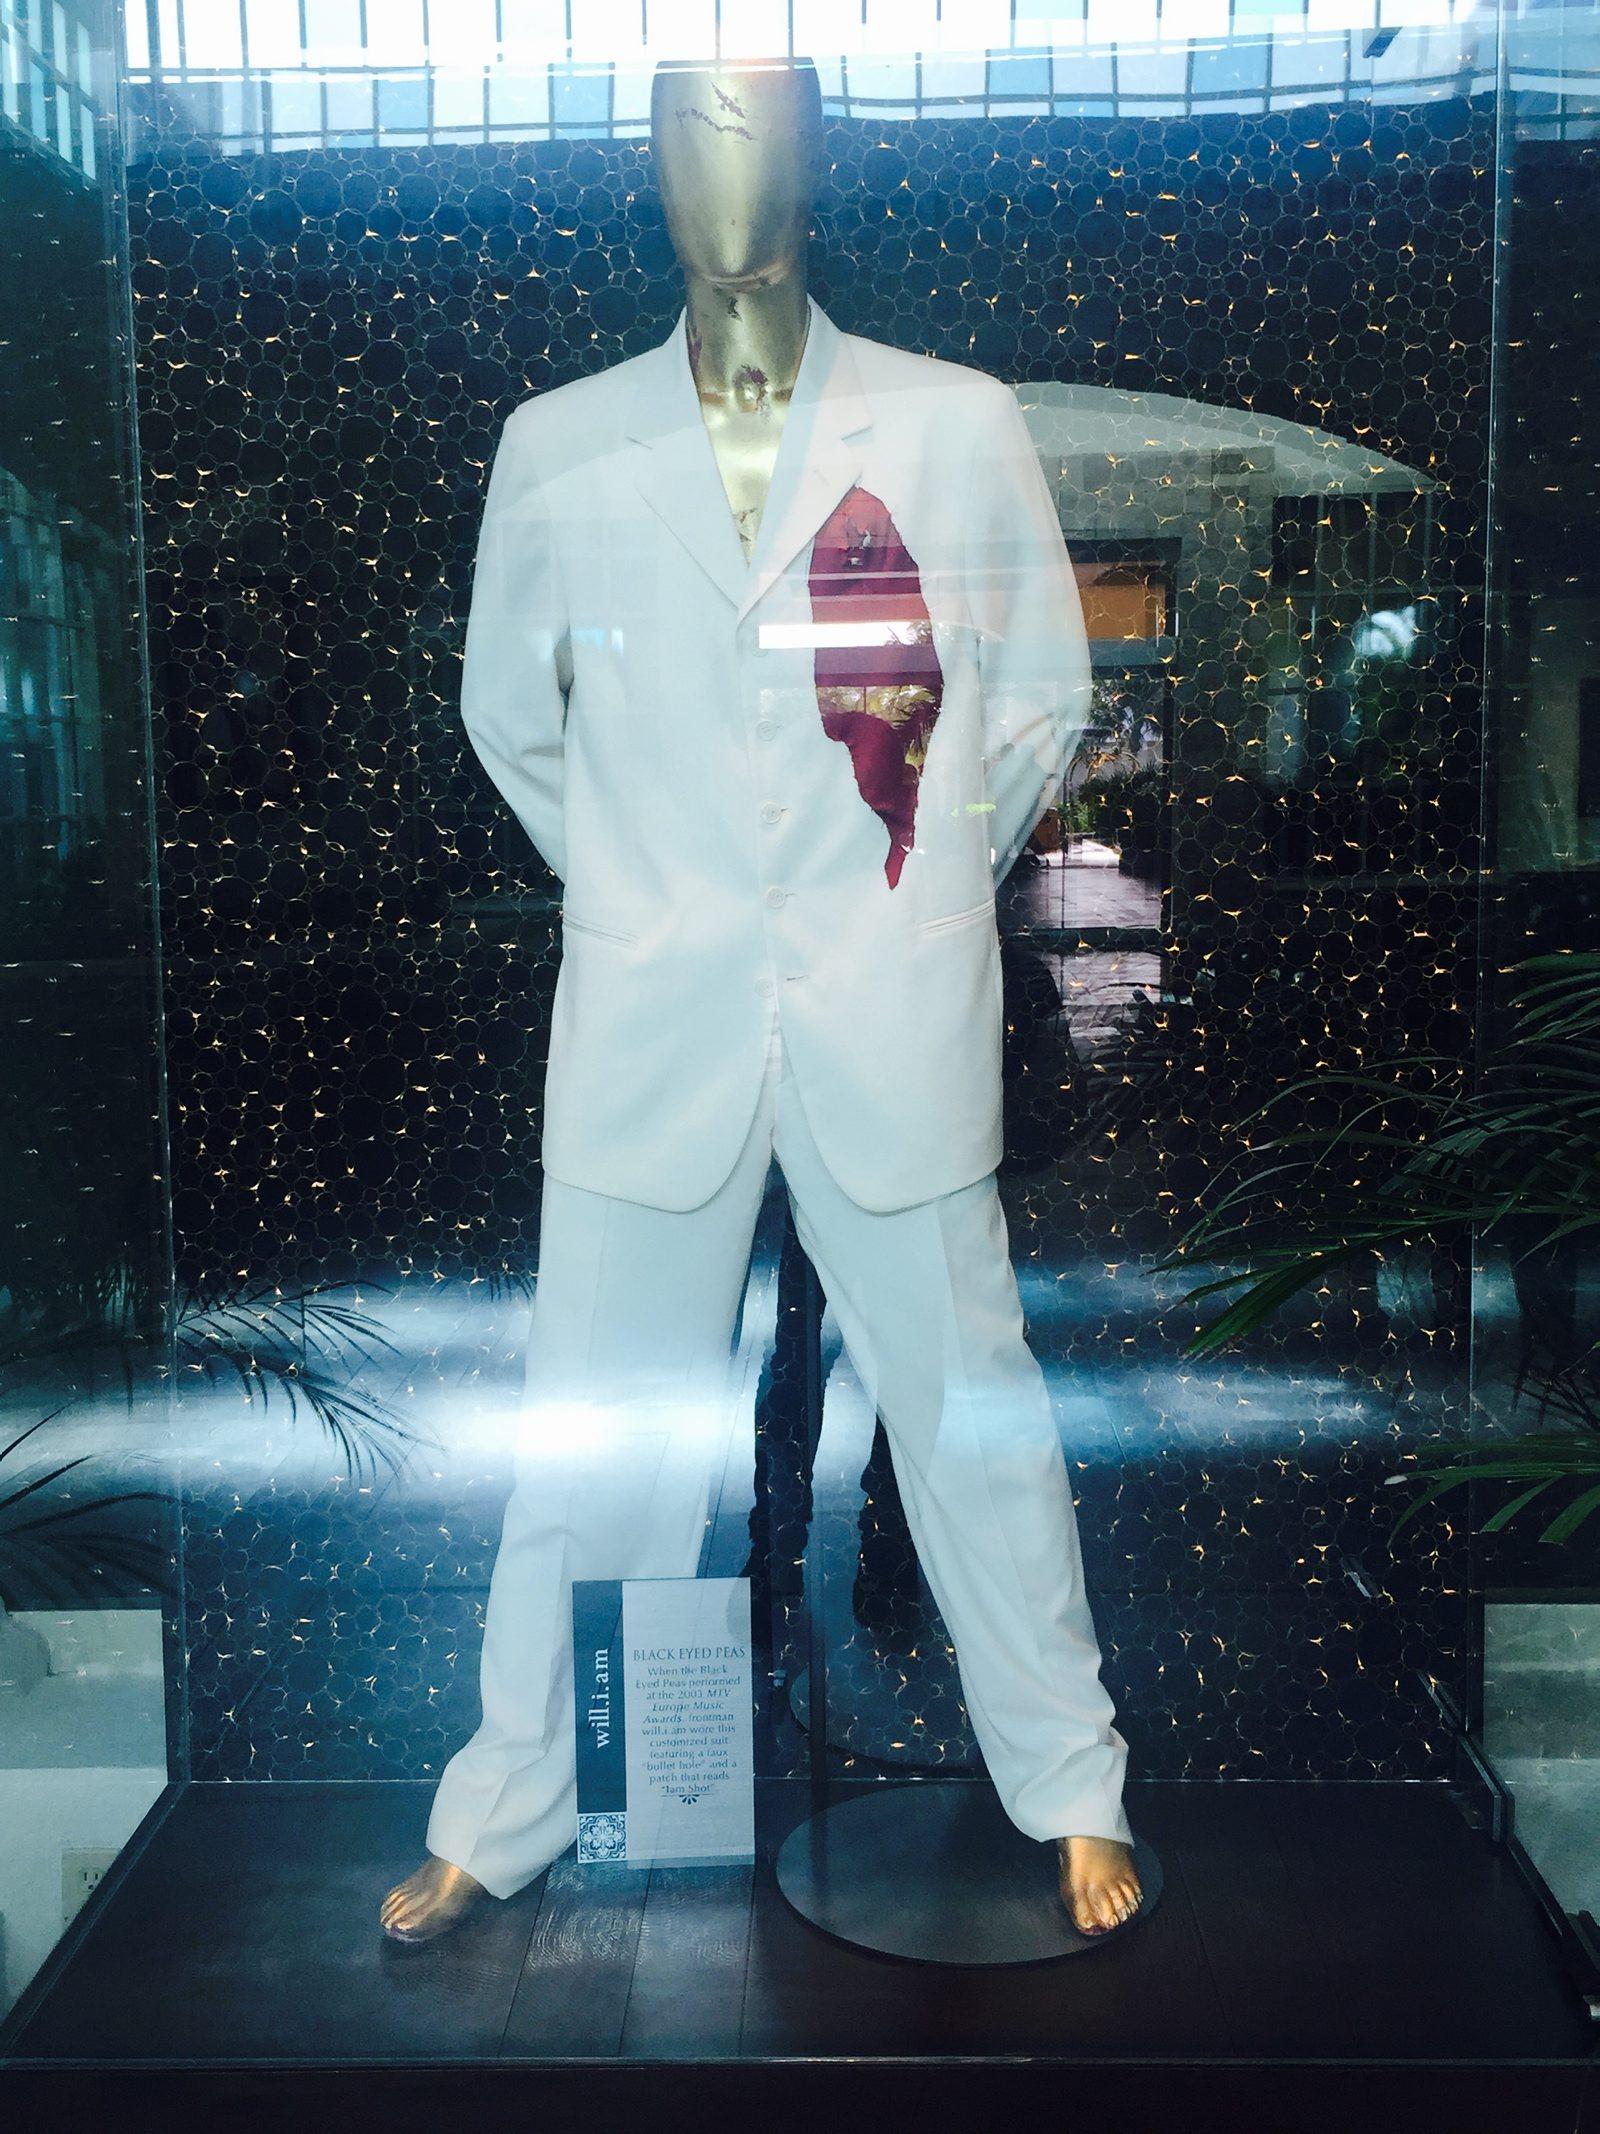 60627193. Playa del Carmen, QRoo., 27 Jun. 2016 (Notimex-Armando Pereda).- Más de 350 piezas y artículos que pertenecieron a Elvis Presley, Madonna, Prince, The Beatles, Elton John, Slash, Shakira, Fergie, Will.i.am y más celebridades, conforman la memorabilia del Hard Rock Hotel de la Riviera Maya. NOTIMEX/FOTO/ARMANDO PEREDA/COR/ACE/